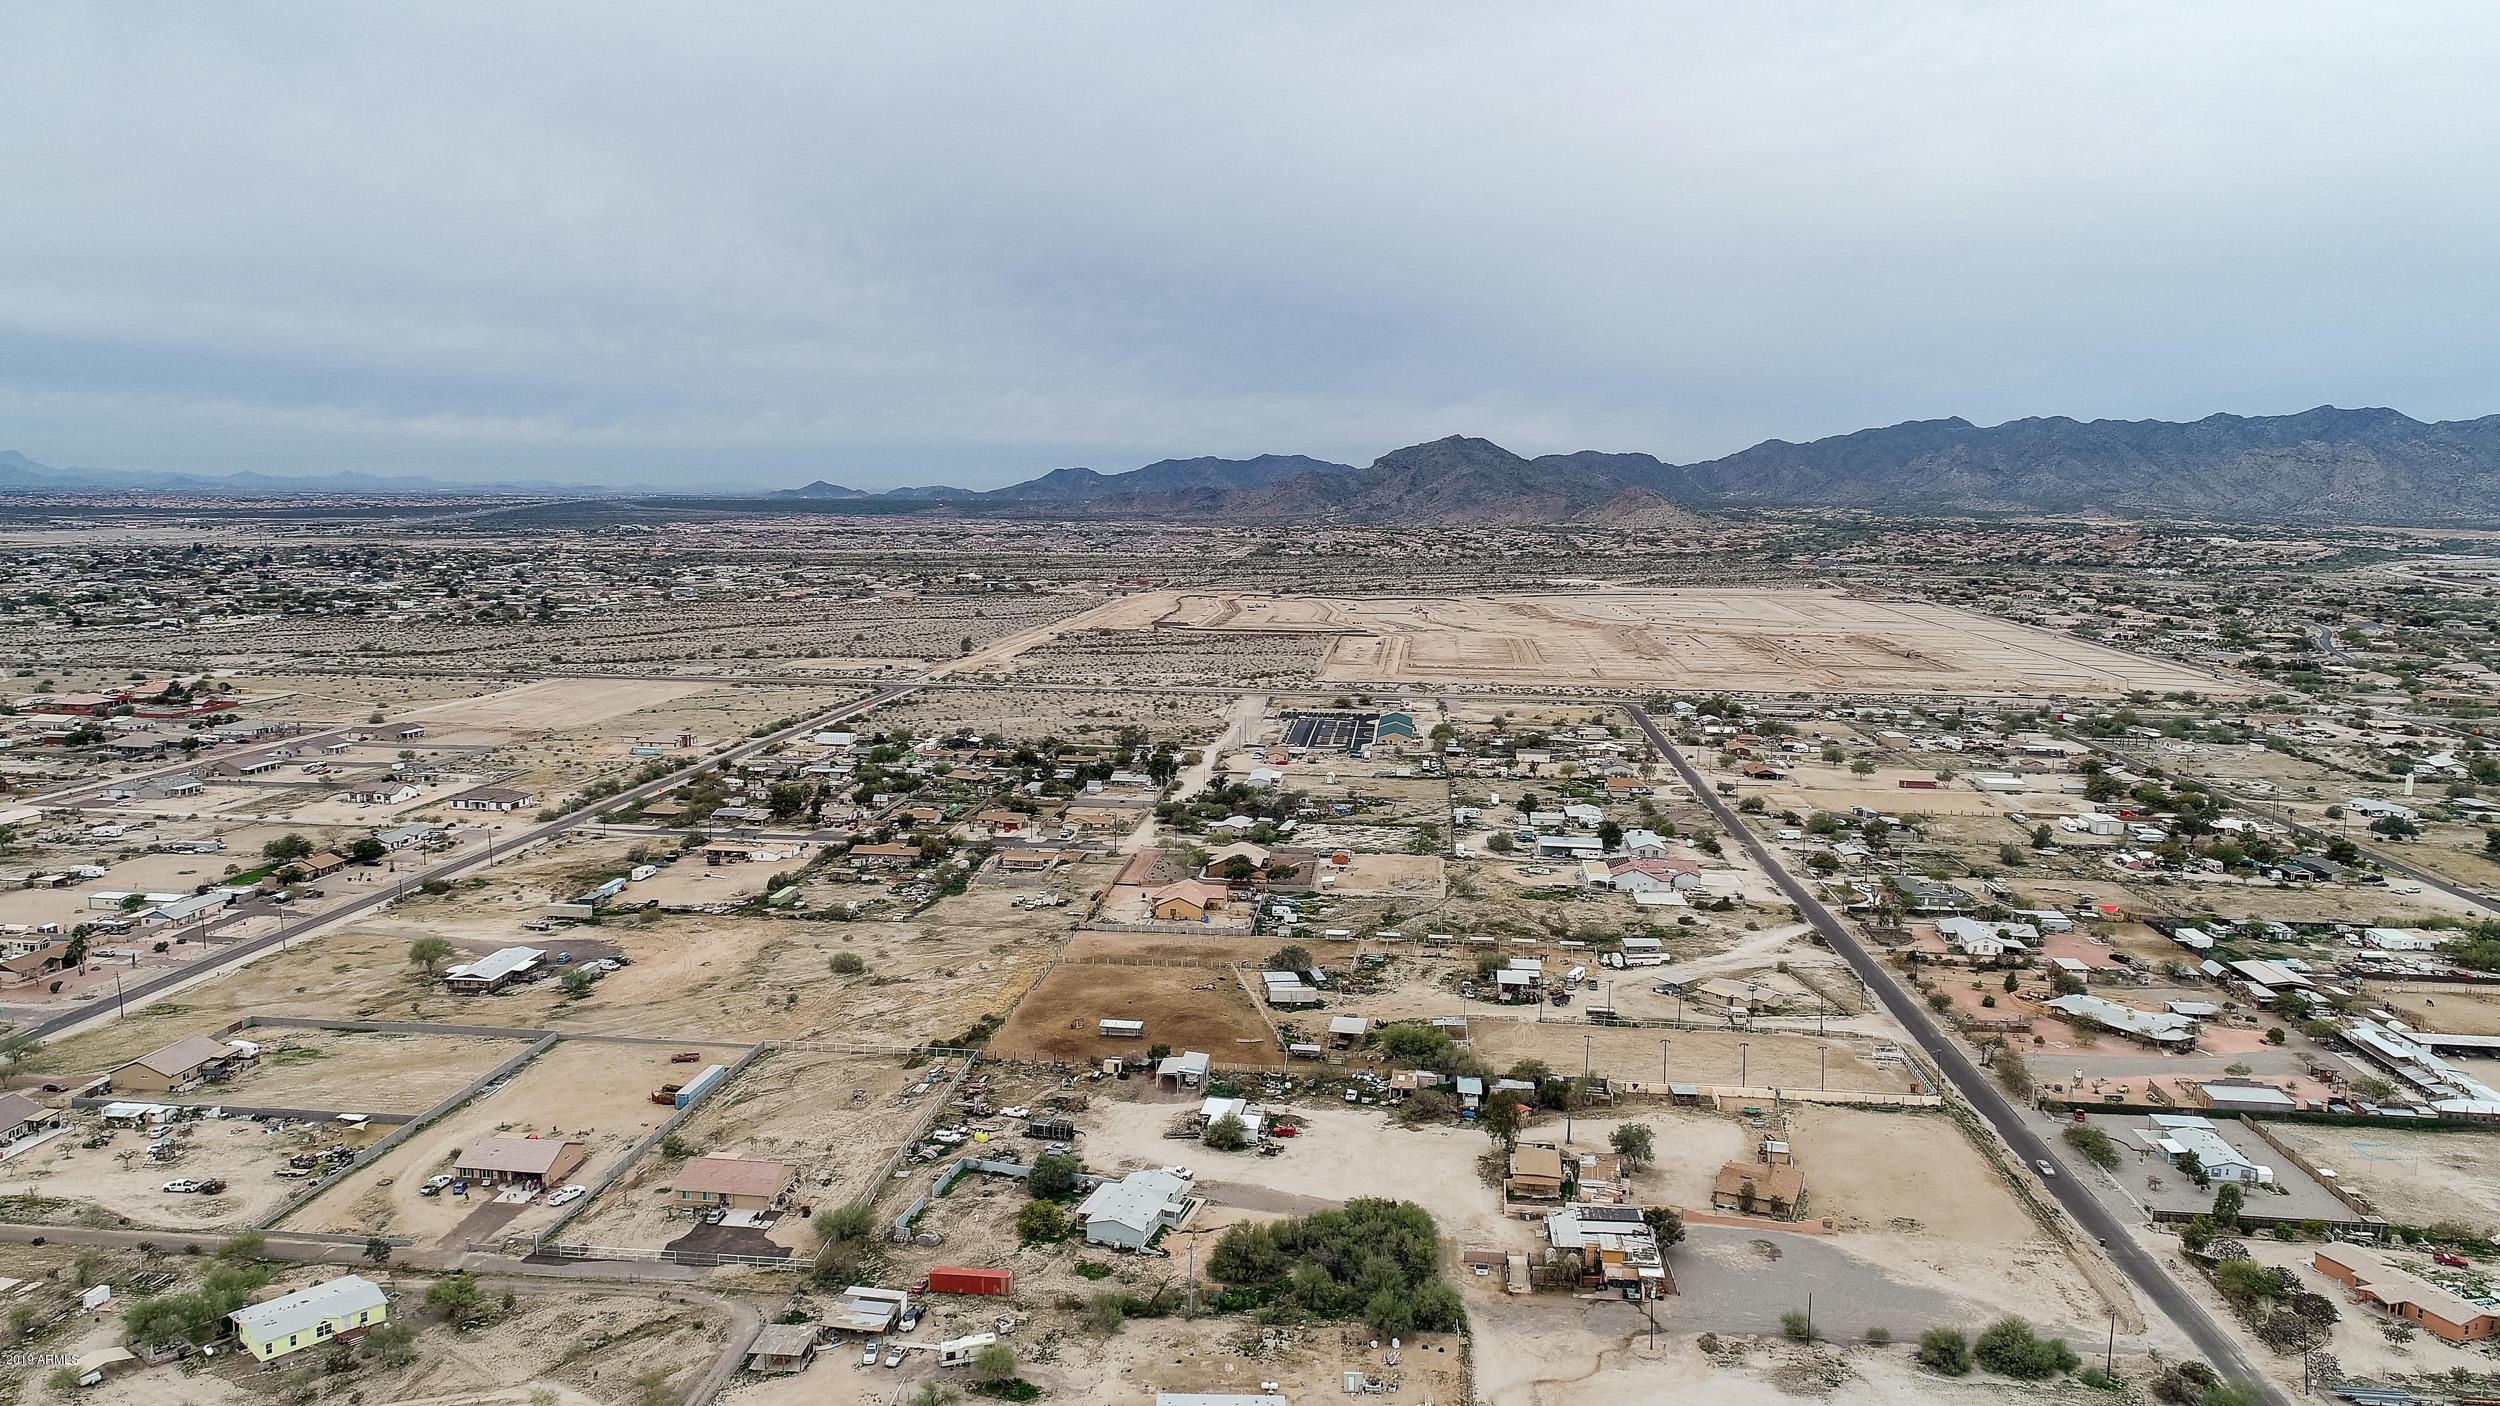 MLS 5864605 3113 N 190TH Drive, Litchfield Park, AZ 85340 Litchfield Park AZ One Plus Acre Home